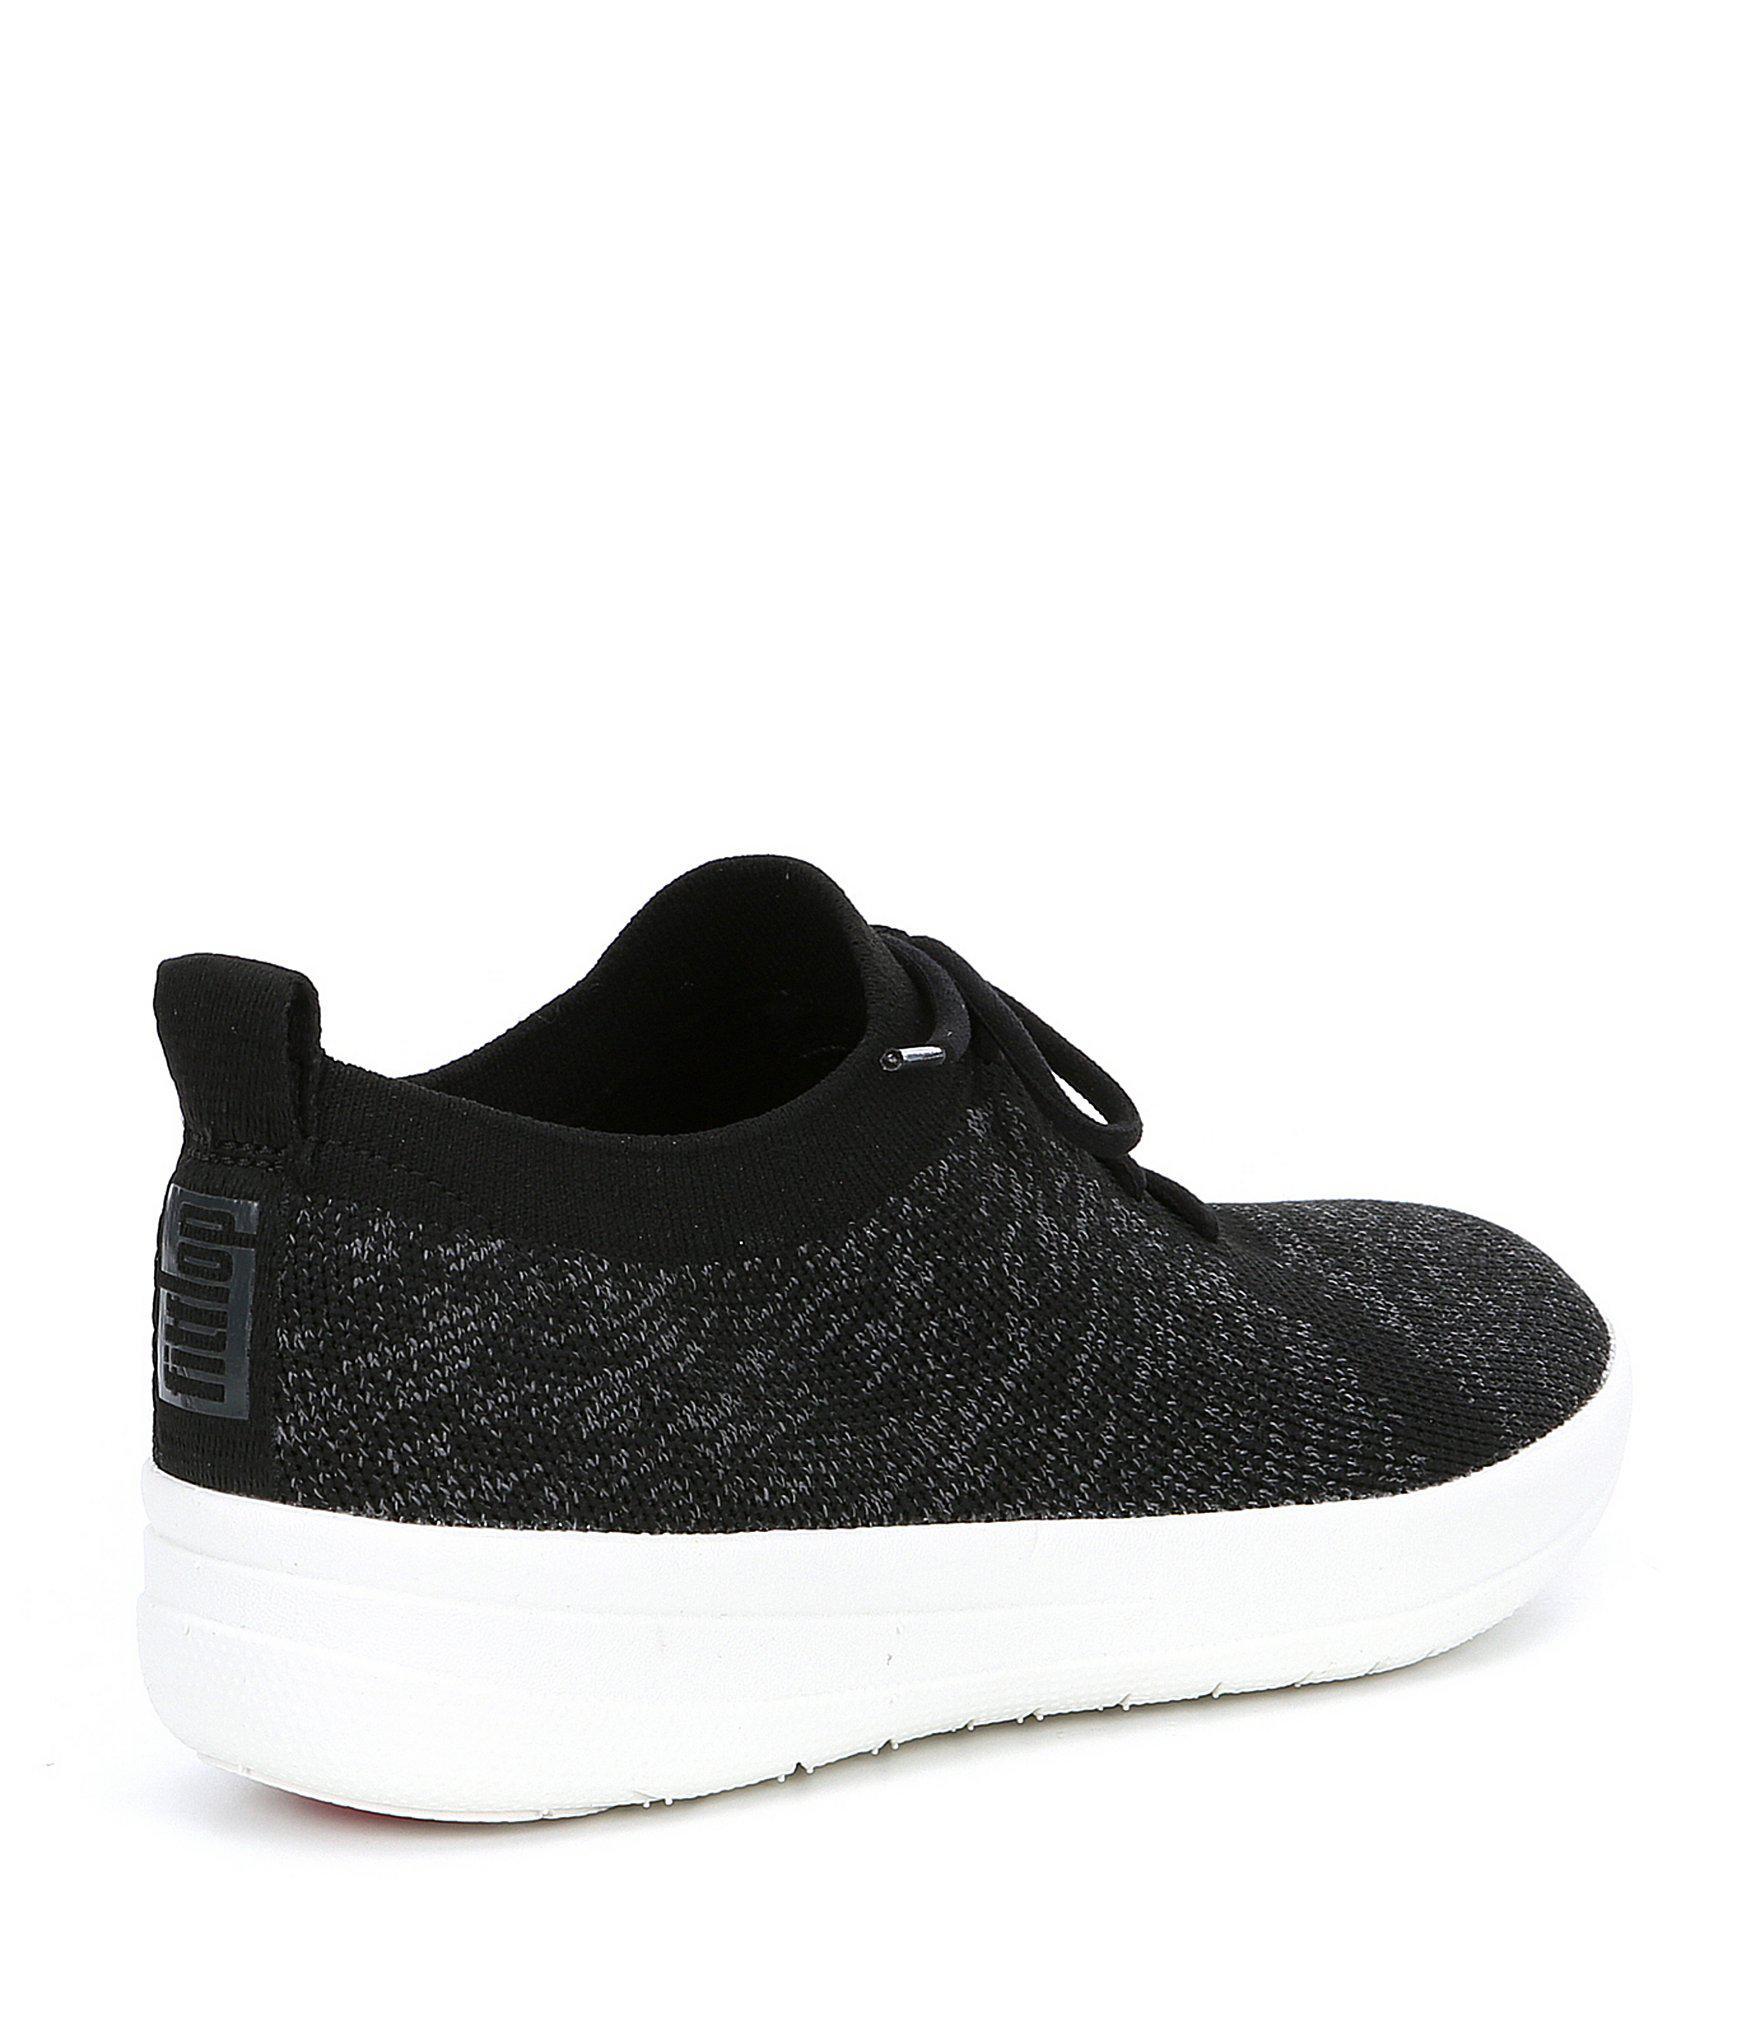 1a49089fe2370 Fitflop - Black  s F-sporty Uberknit Sneakers Low-top - Lyst. View  fullscreen